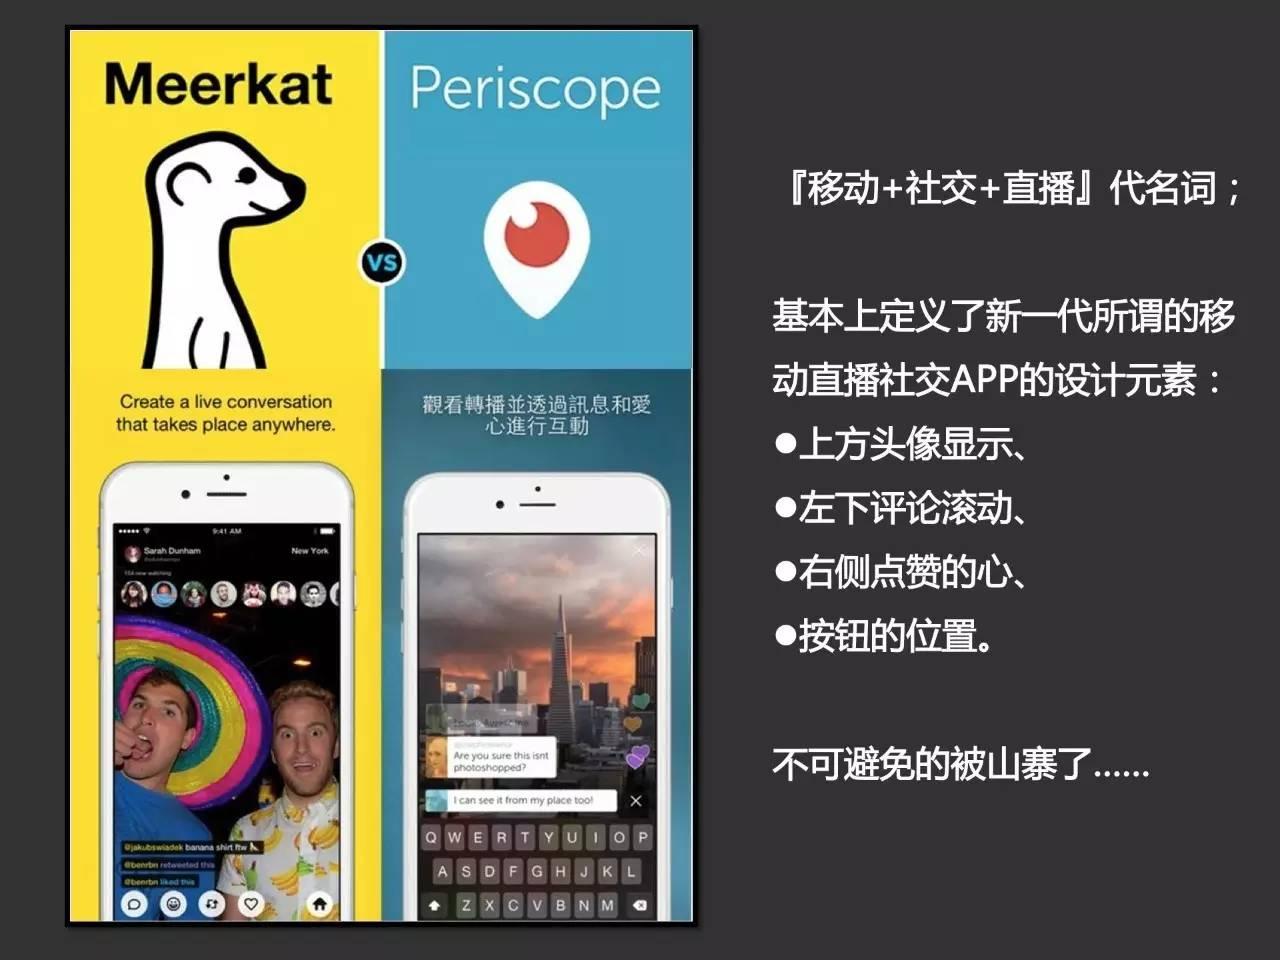 #Geek Talk# 庄明浩:直播到底是什么鬼?